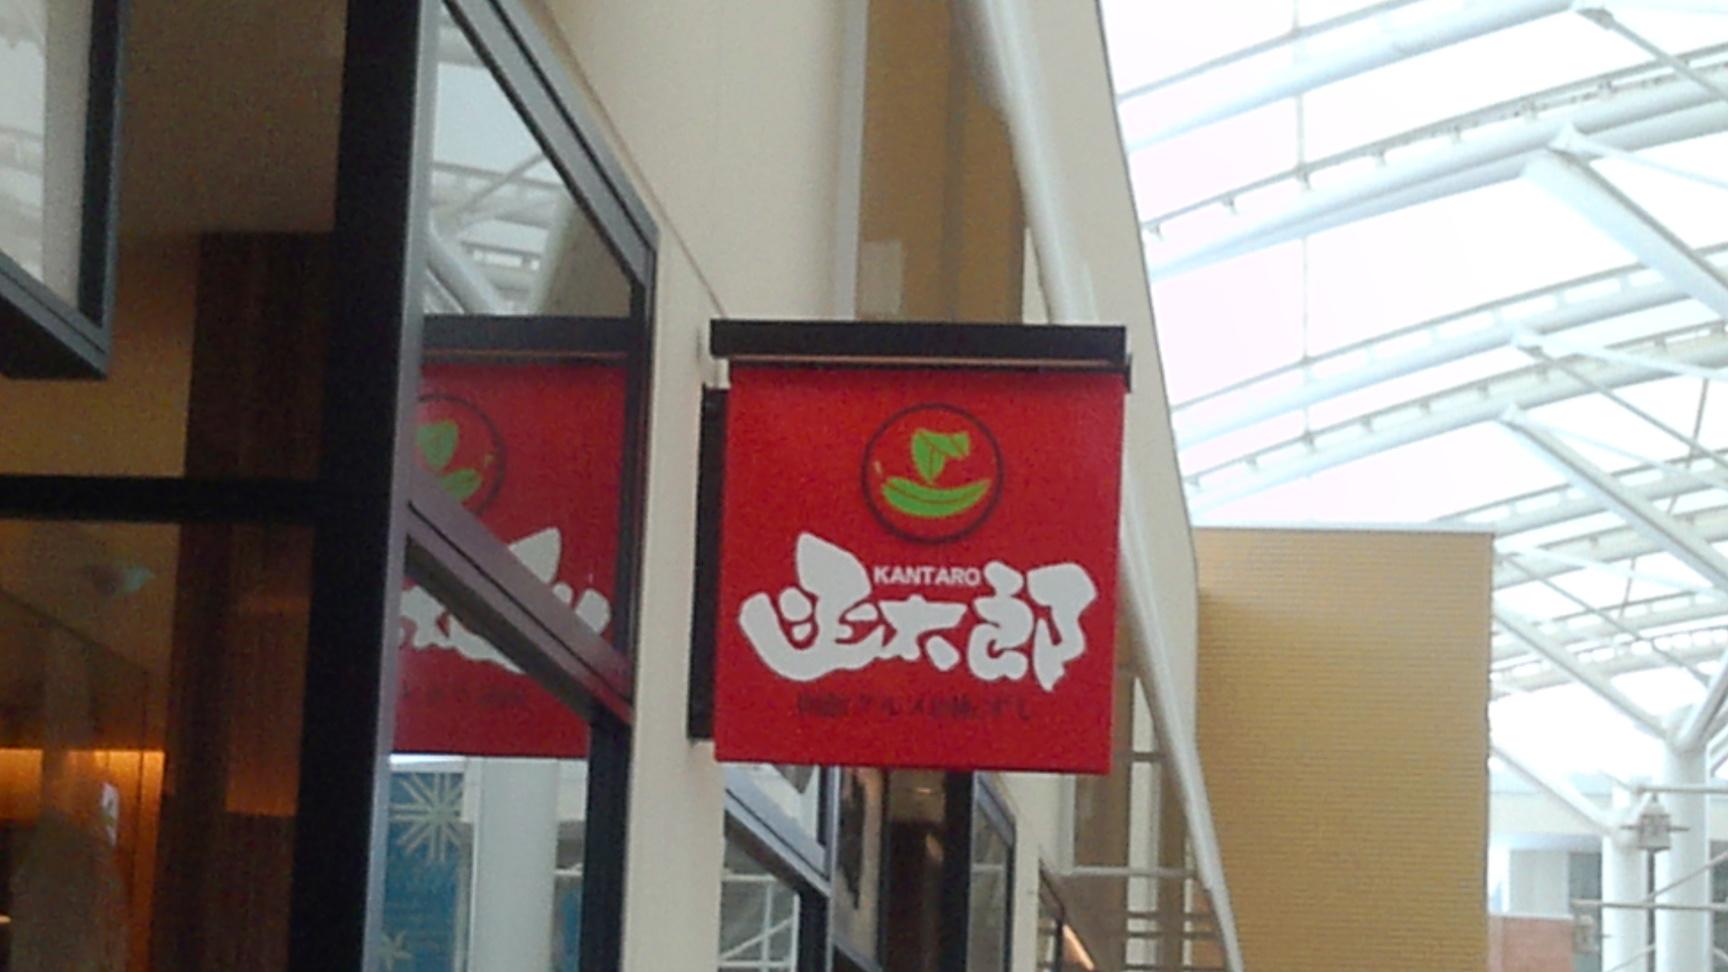 グルメ回転寿司 函館函太郎 三井アウトレットパーク木更津店